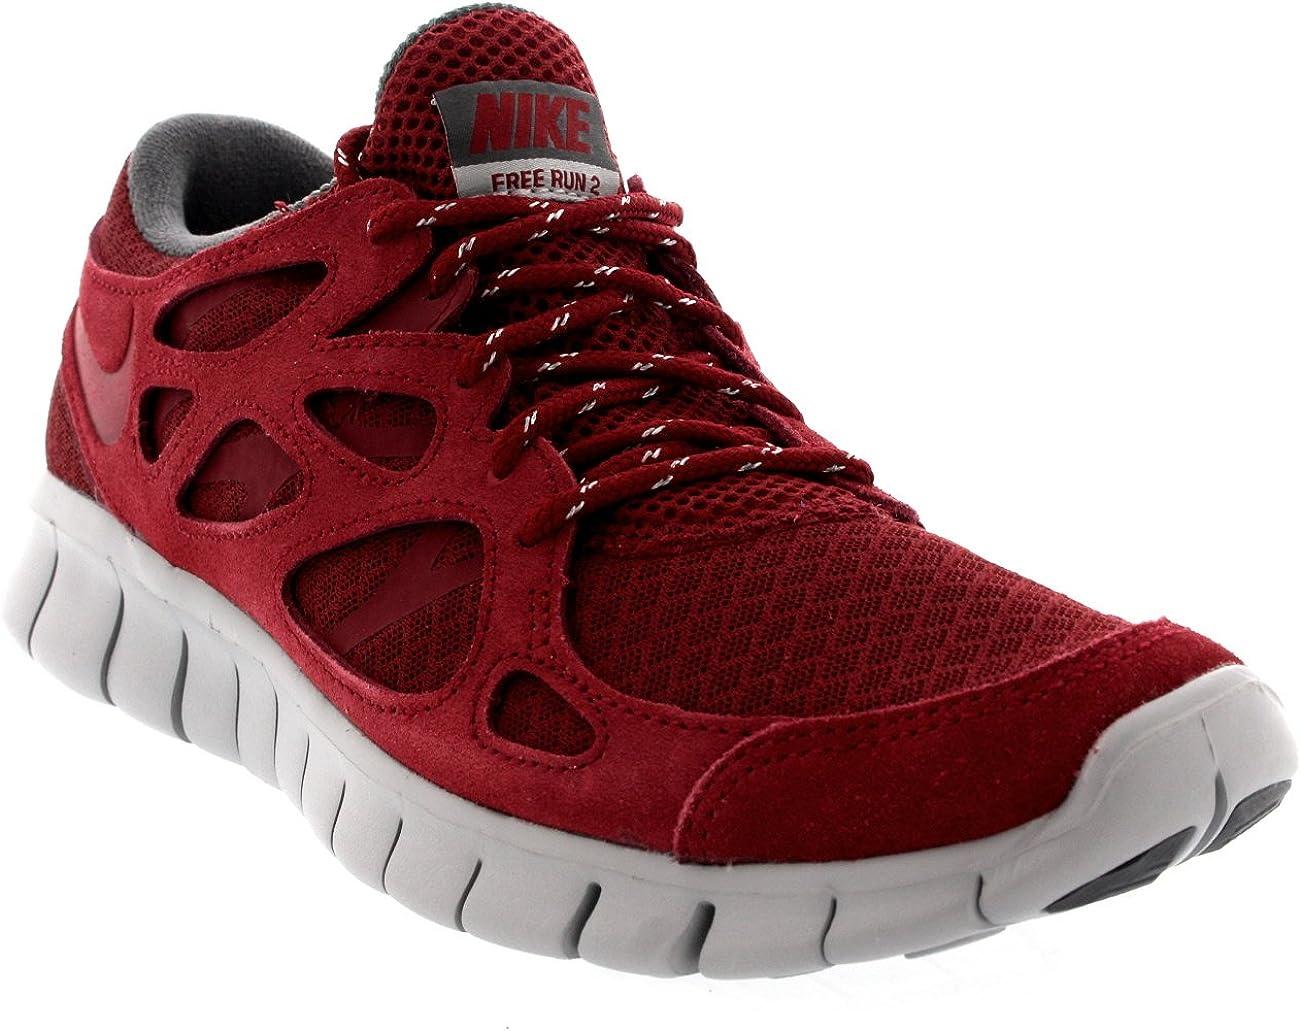 Nike Free Run 2 Zapatillas, Color Rojo, Talla 40.5 EU: Amazon.es: Zapatos y complementos